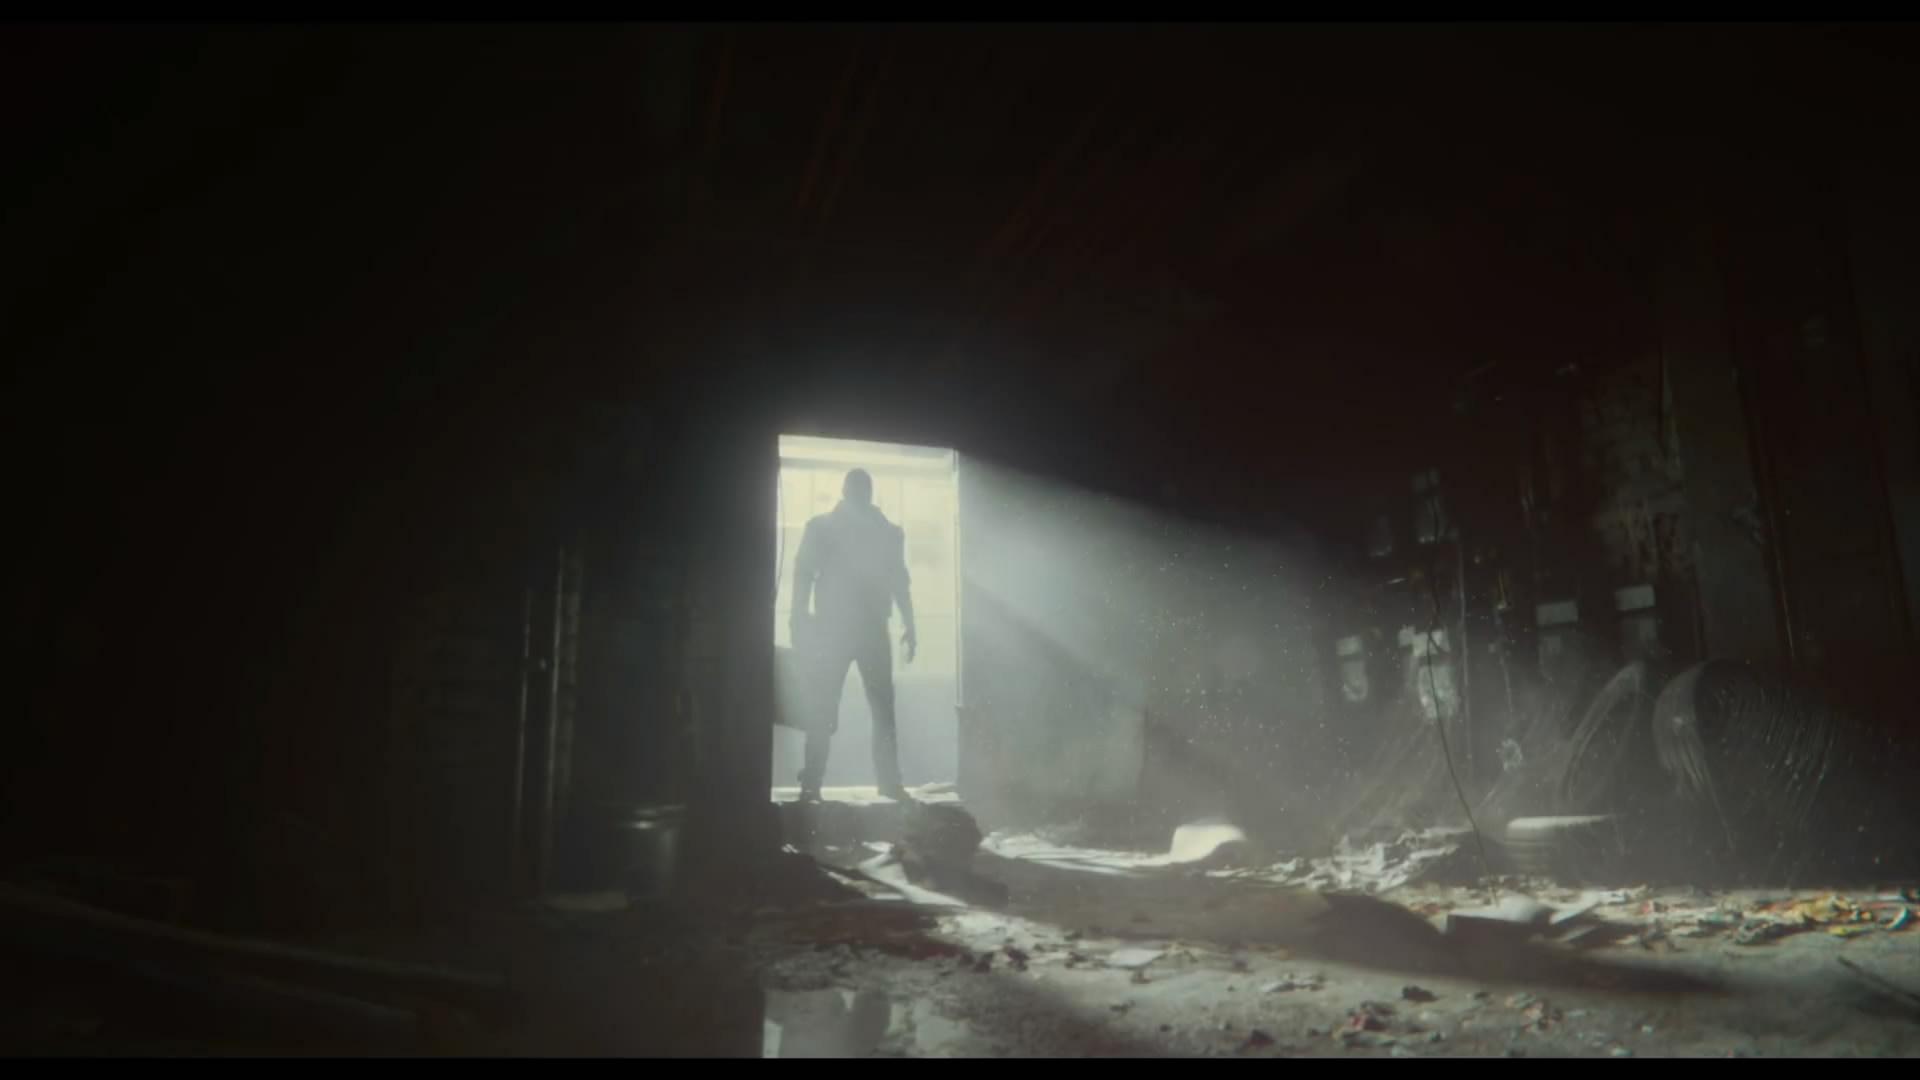 Unity发布《异端》完整技术演示视频 画面震撼